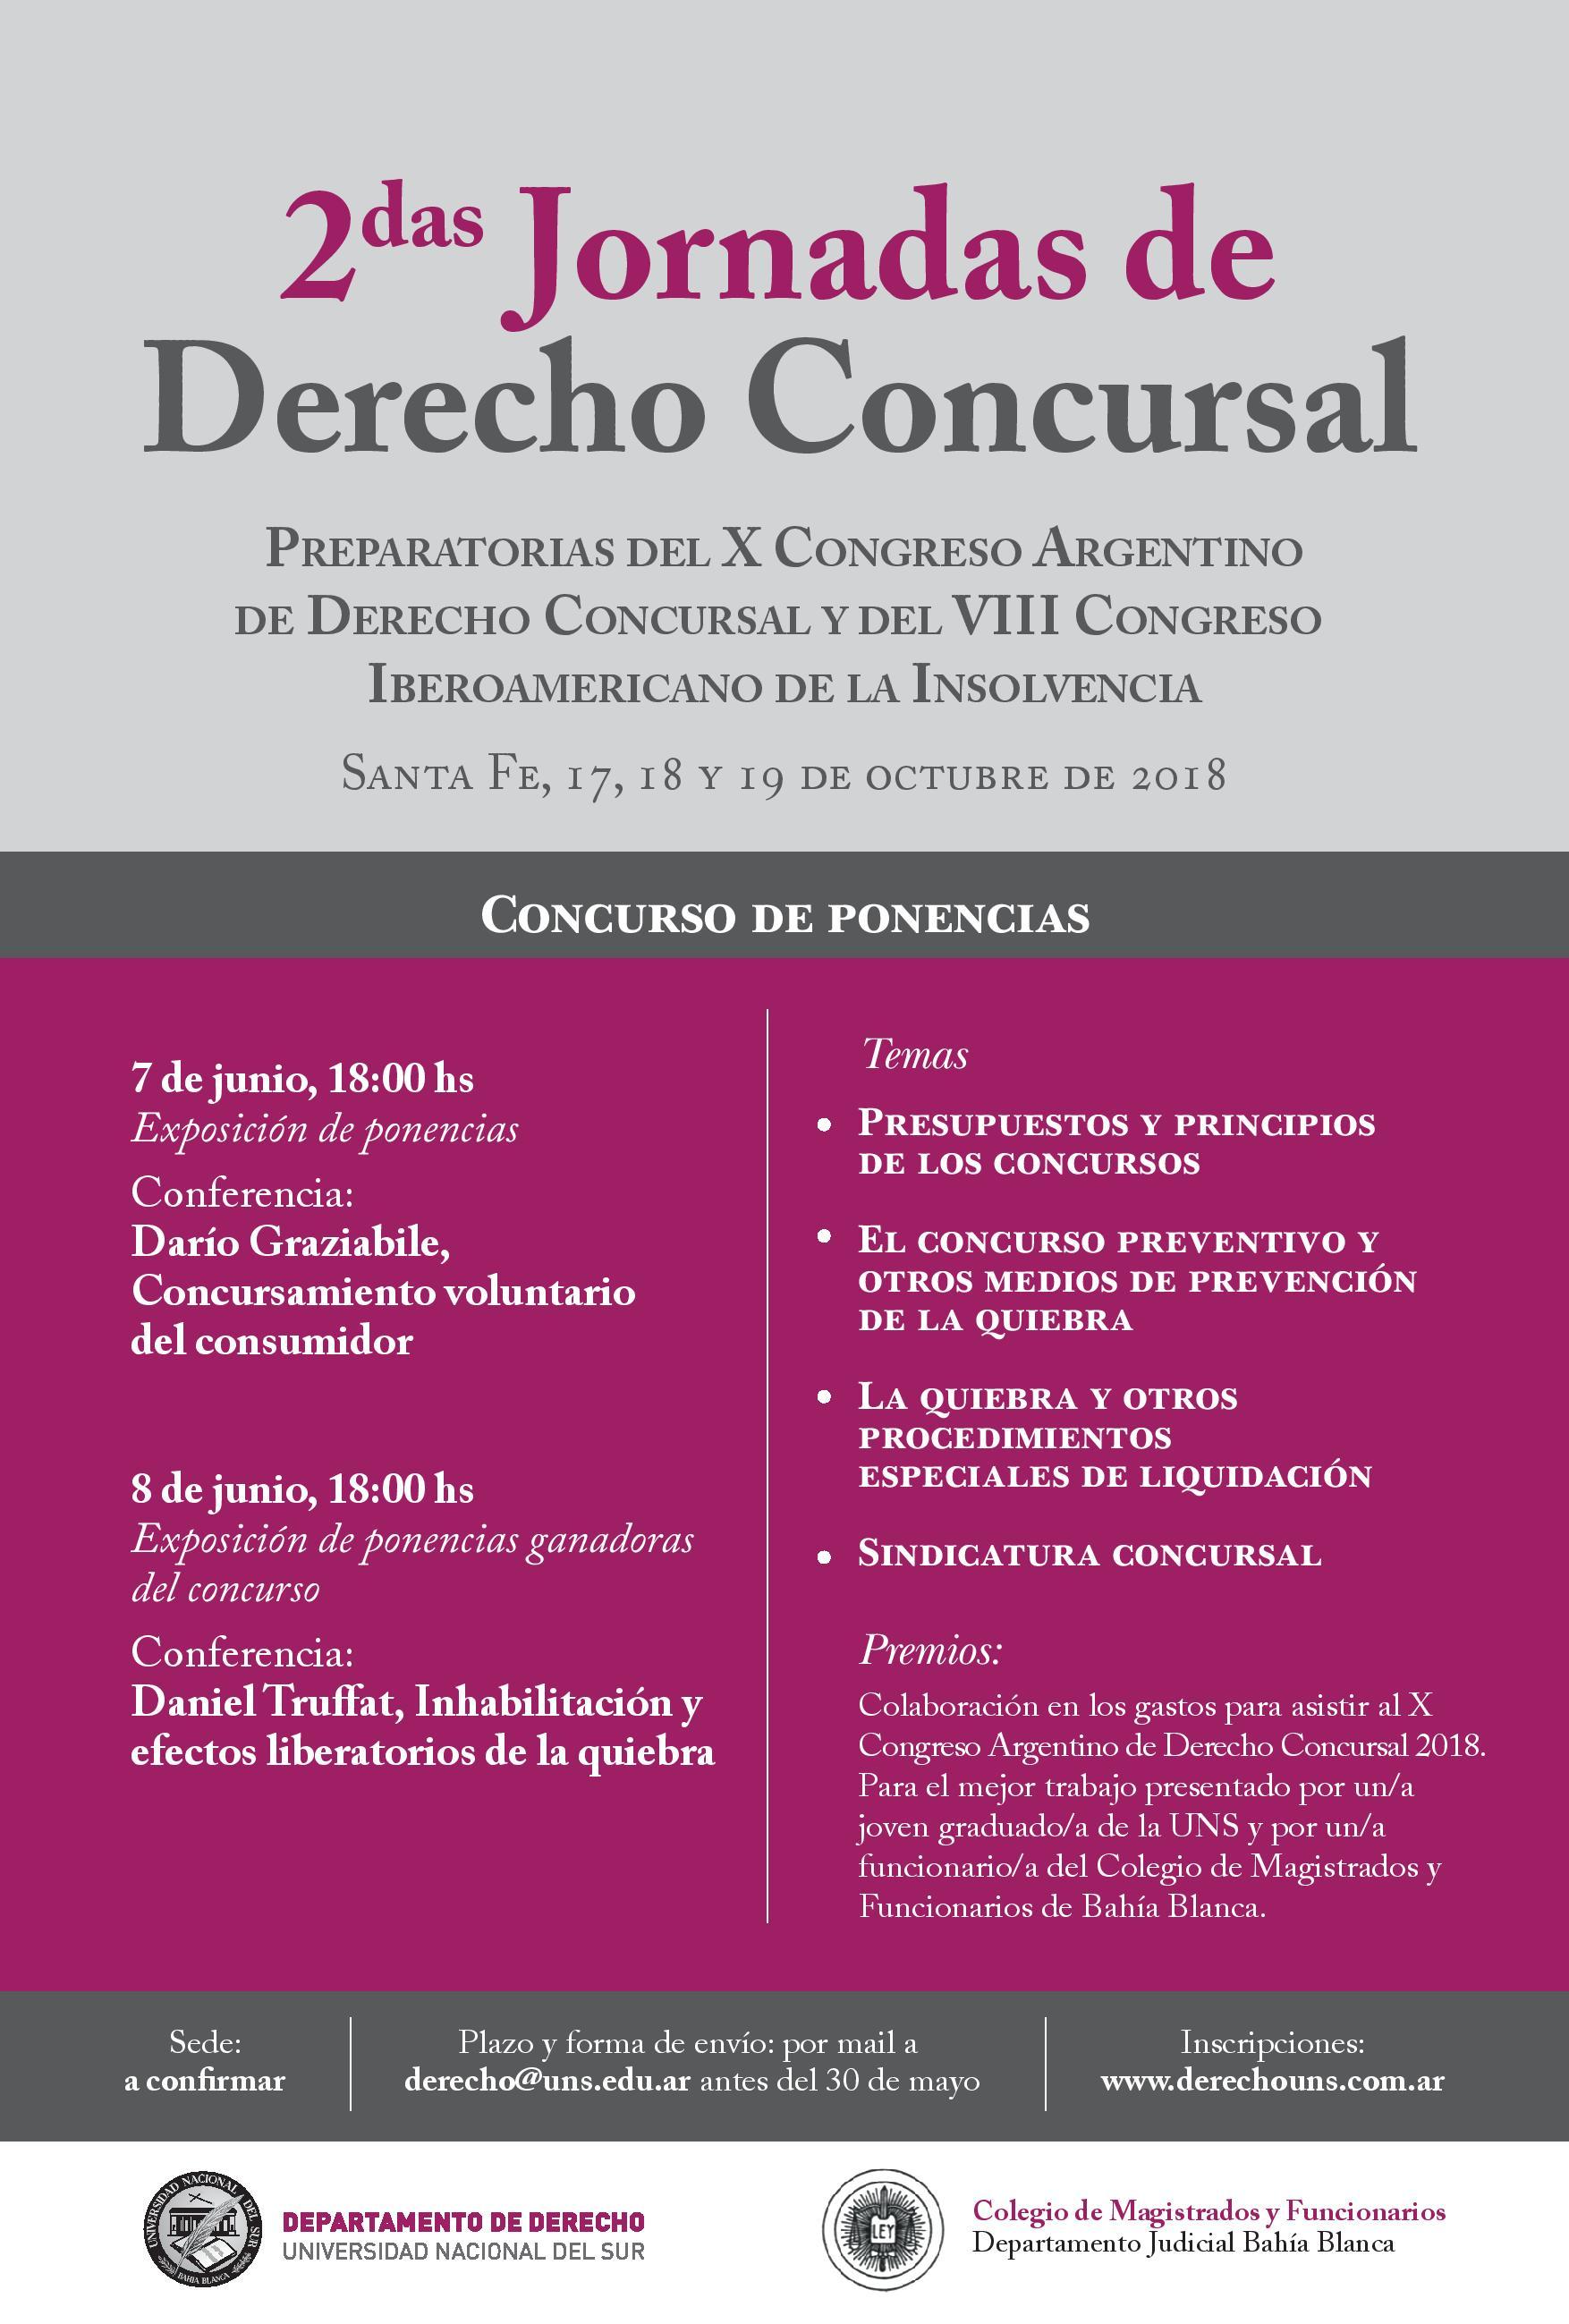 2das Jornadas Derecho Concursal